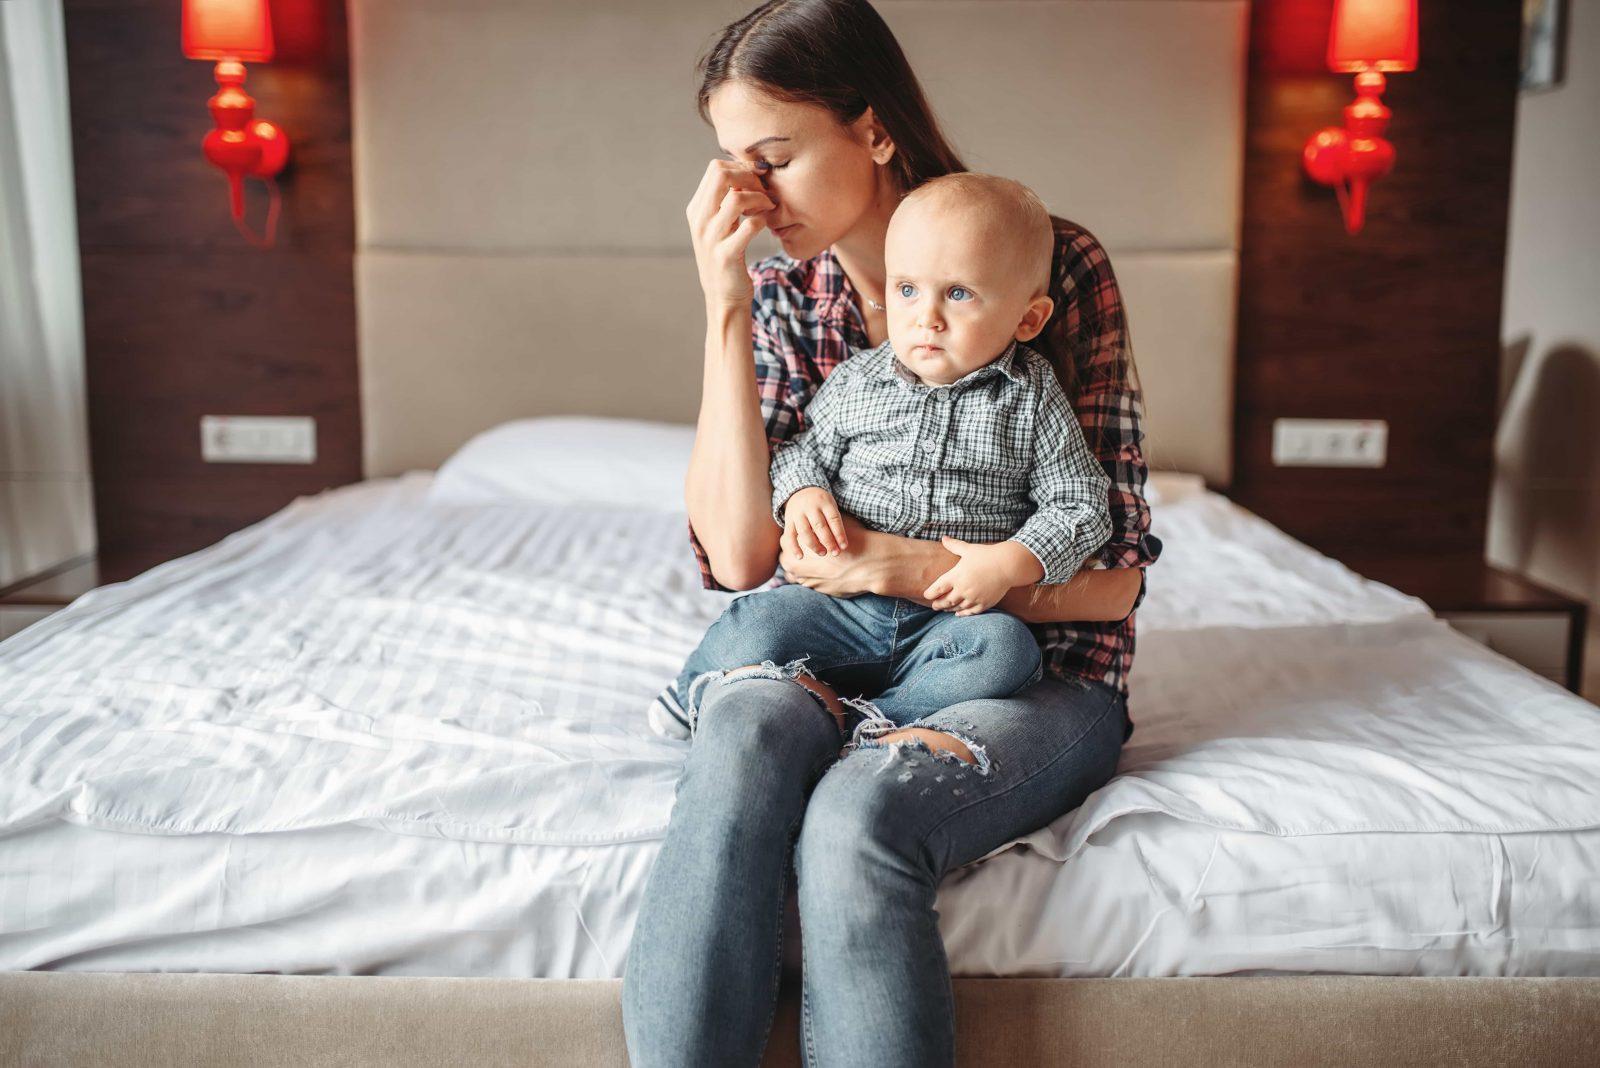 Эмоциональное выгорание часть 2: материнское чувство вины